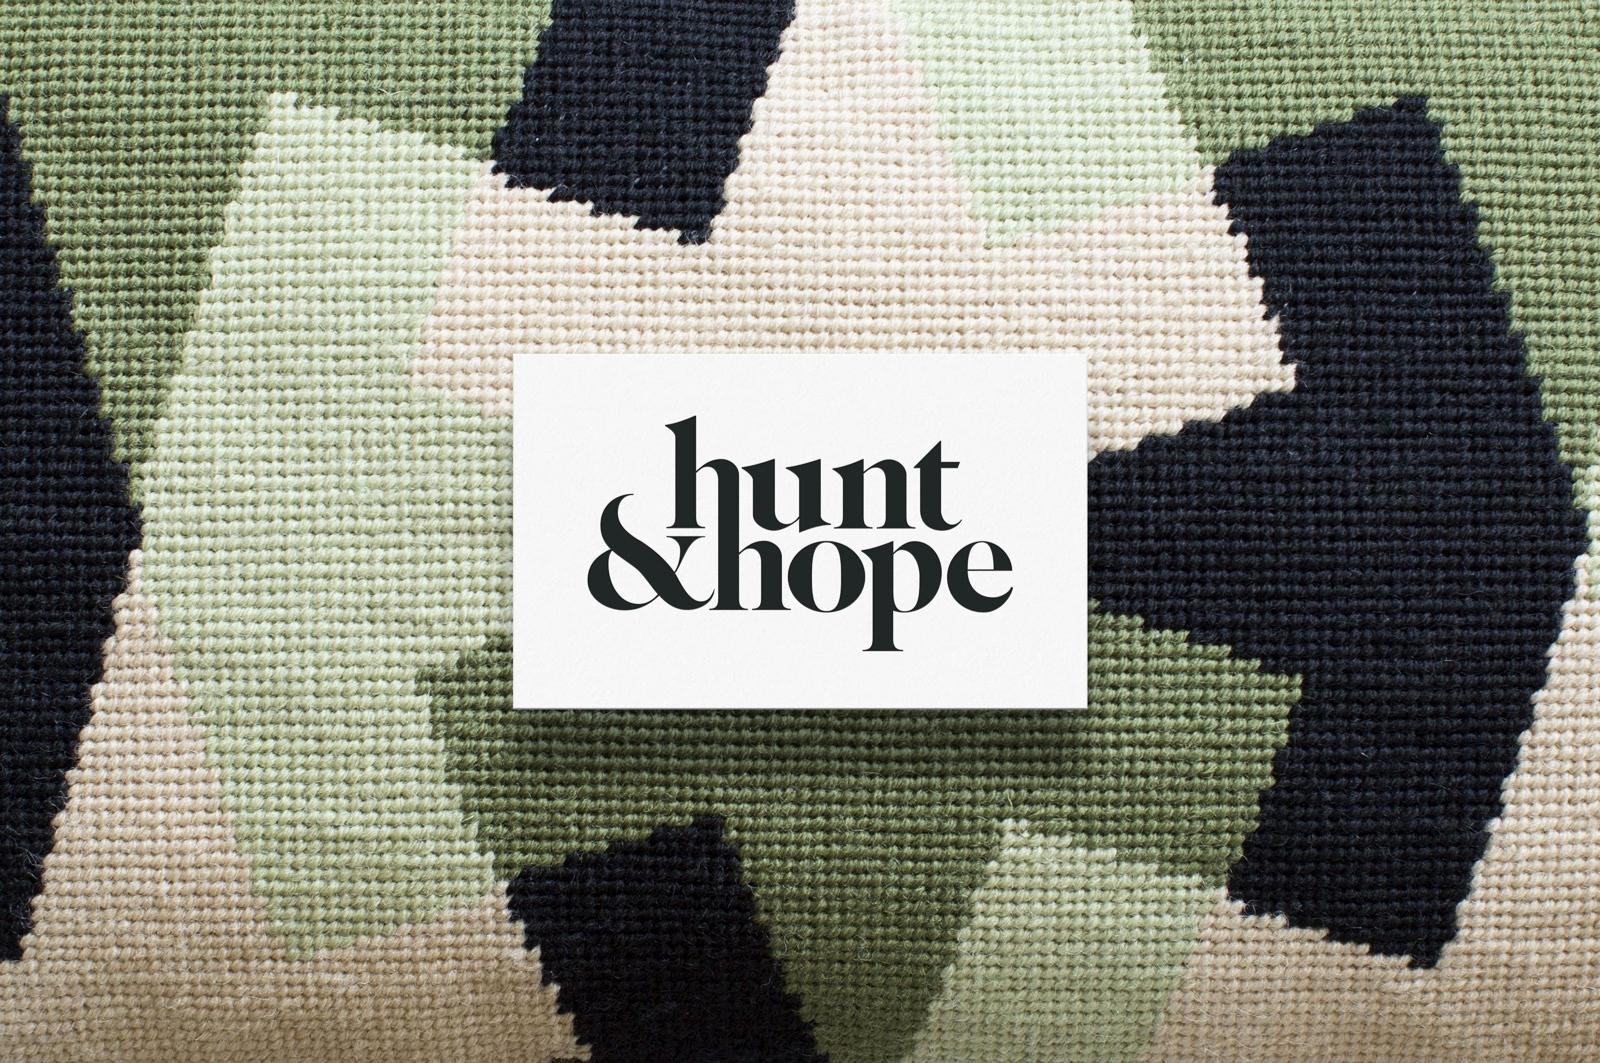 Hunt_Hope_cushion_hoult_and_delis_design_logo.jpg